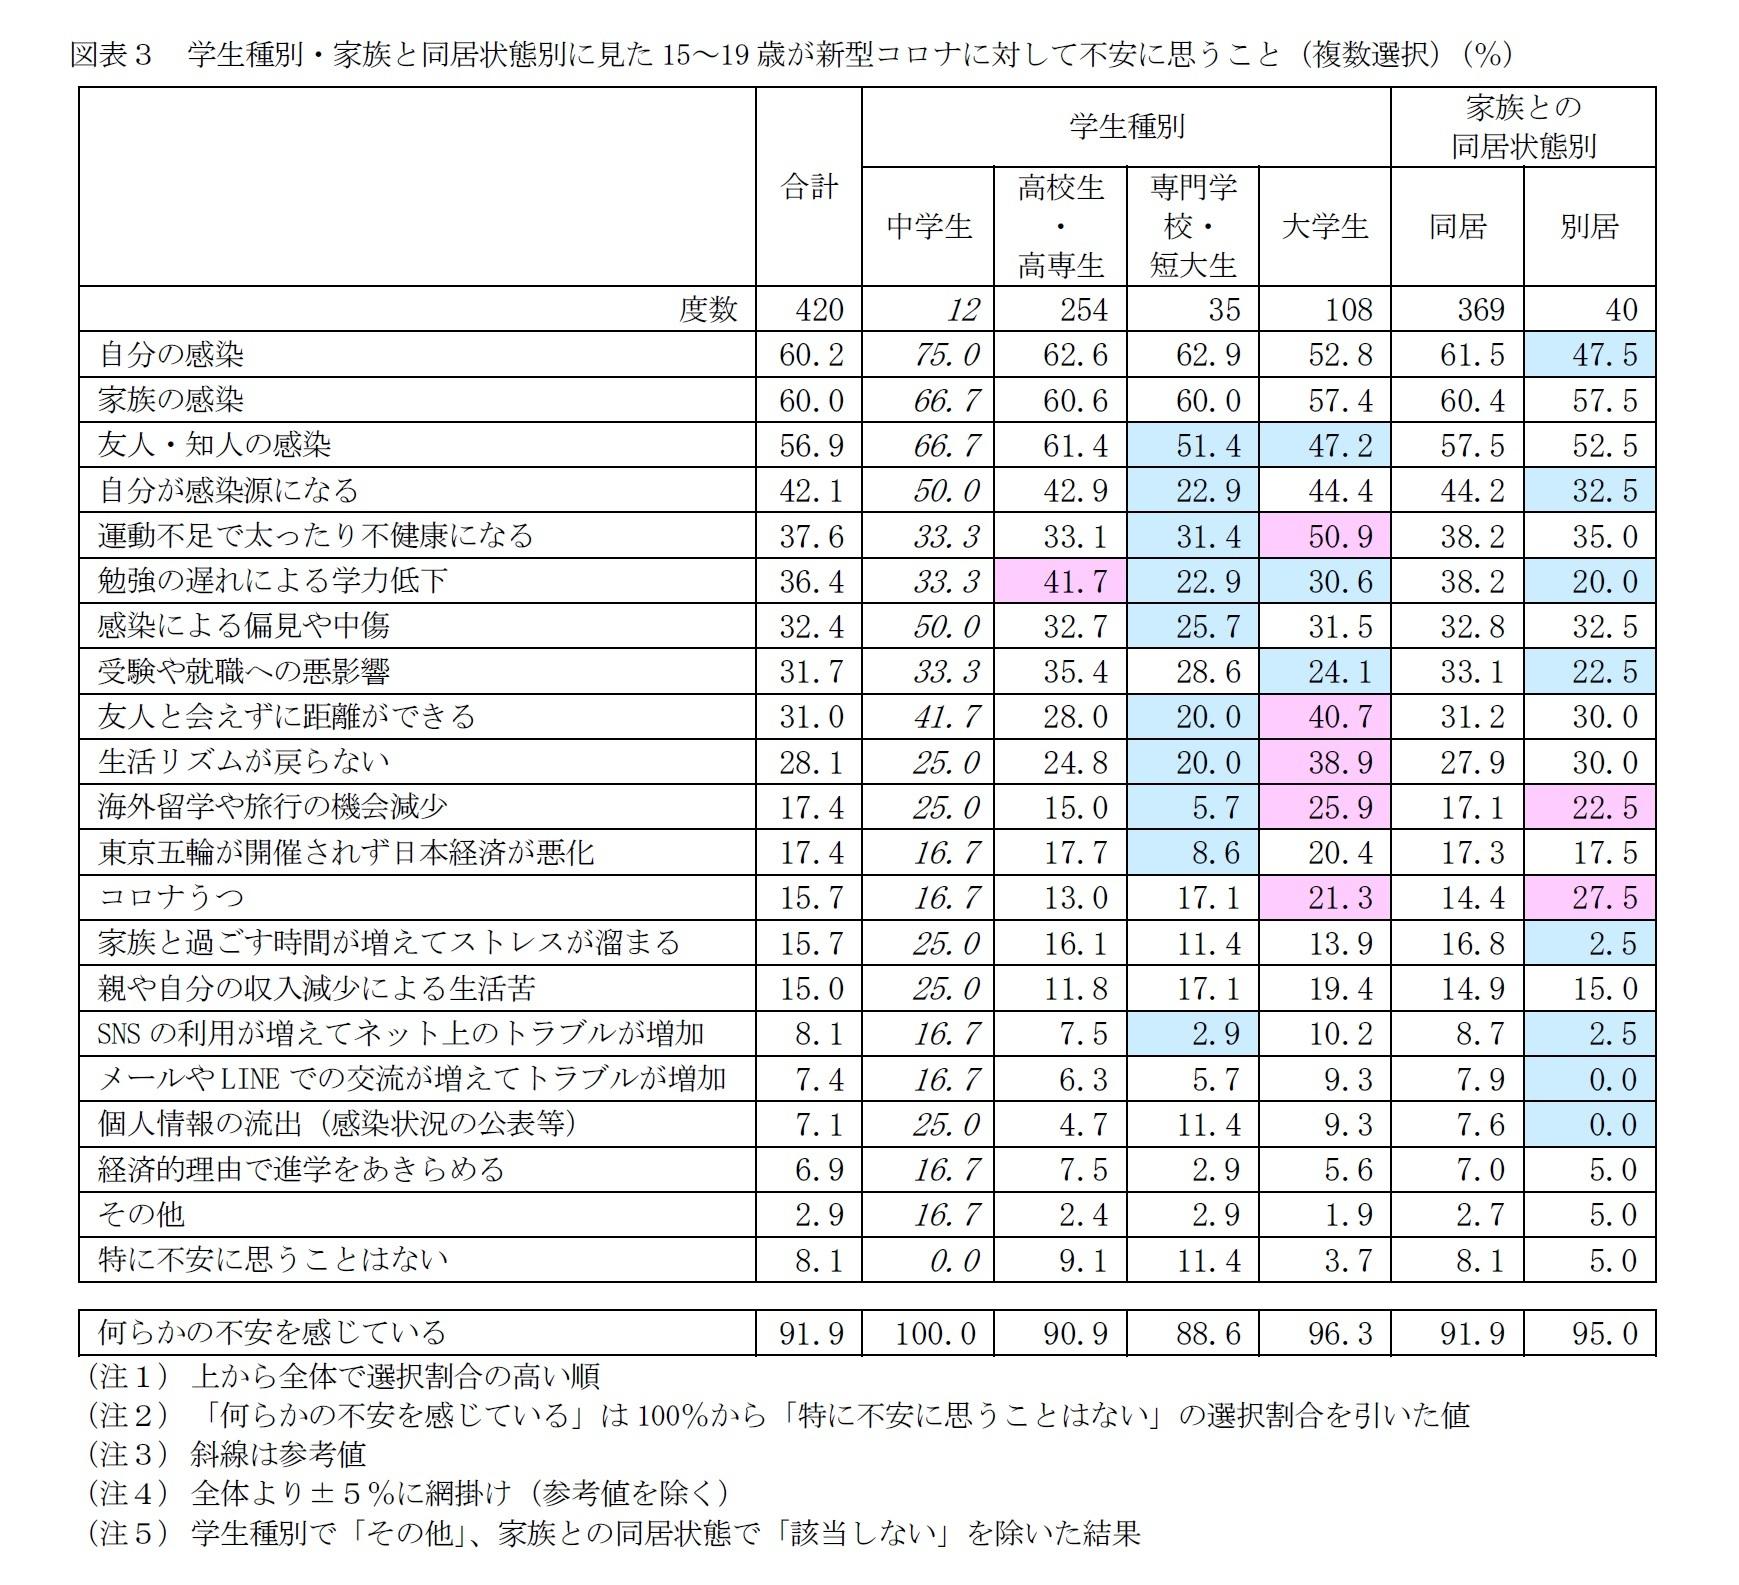 図表3 学生種別・家族と同居状態別に見た15~19歳が新型コロナに対して不安に思うこと(複数選択)(%)